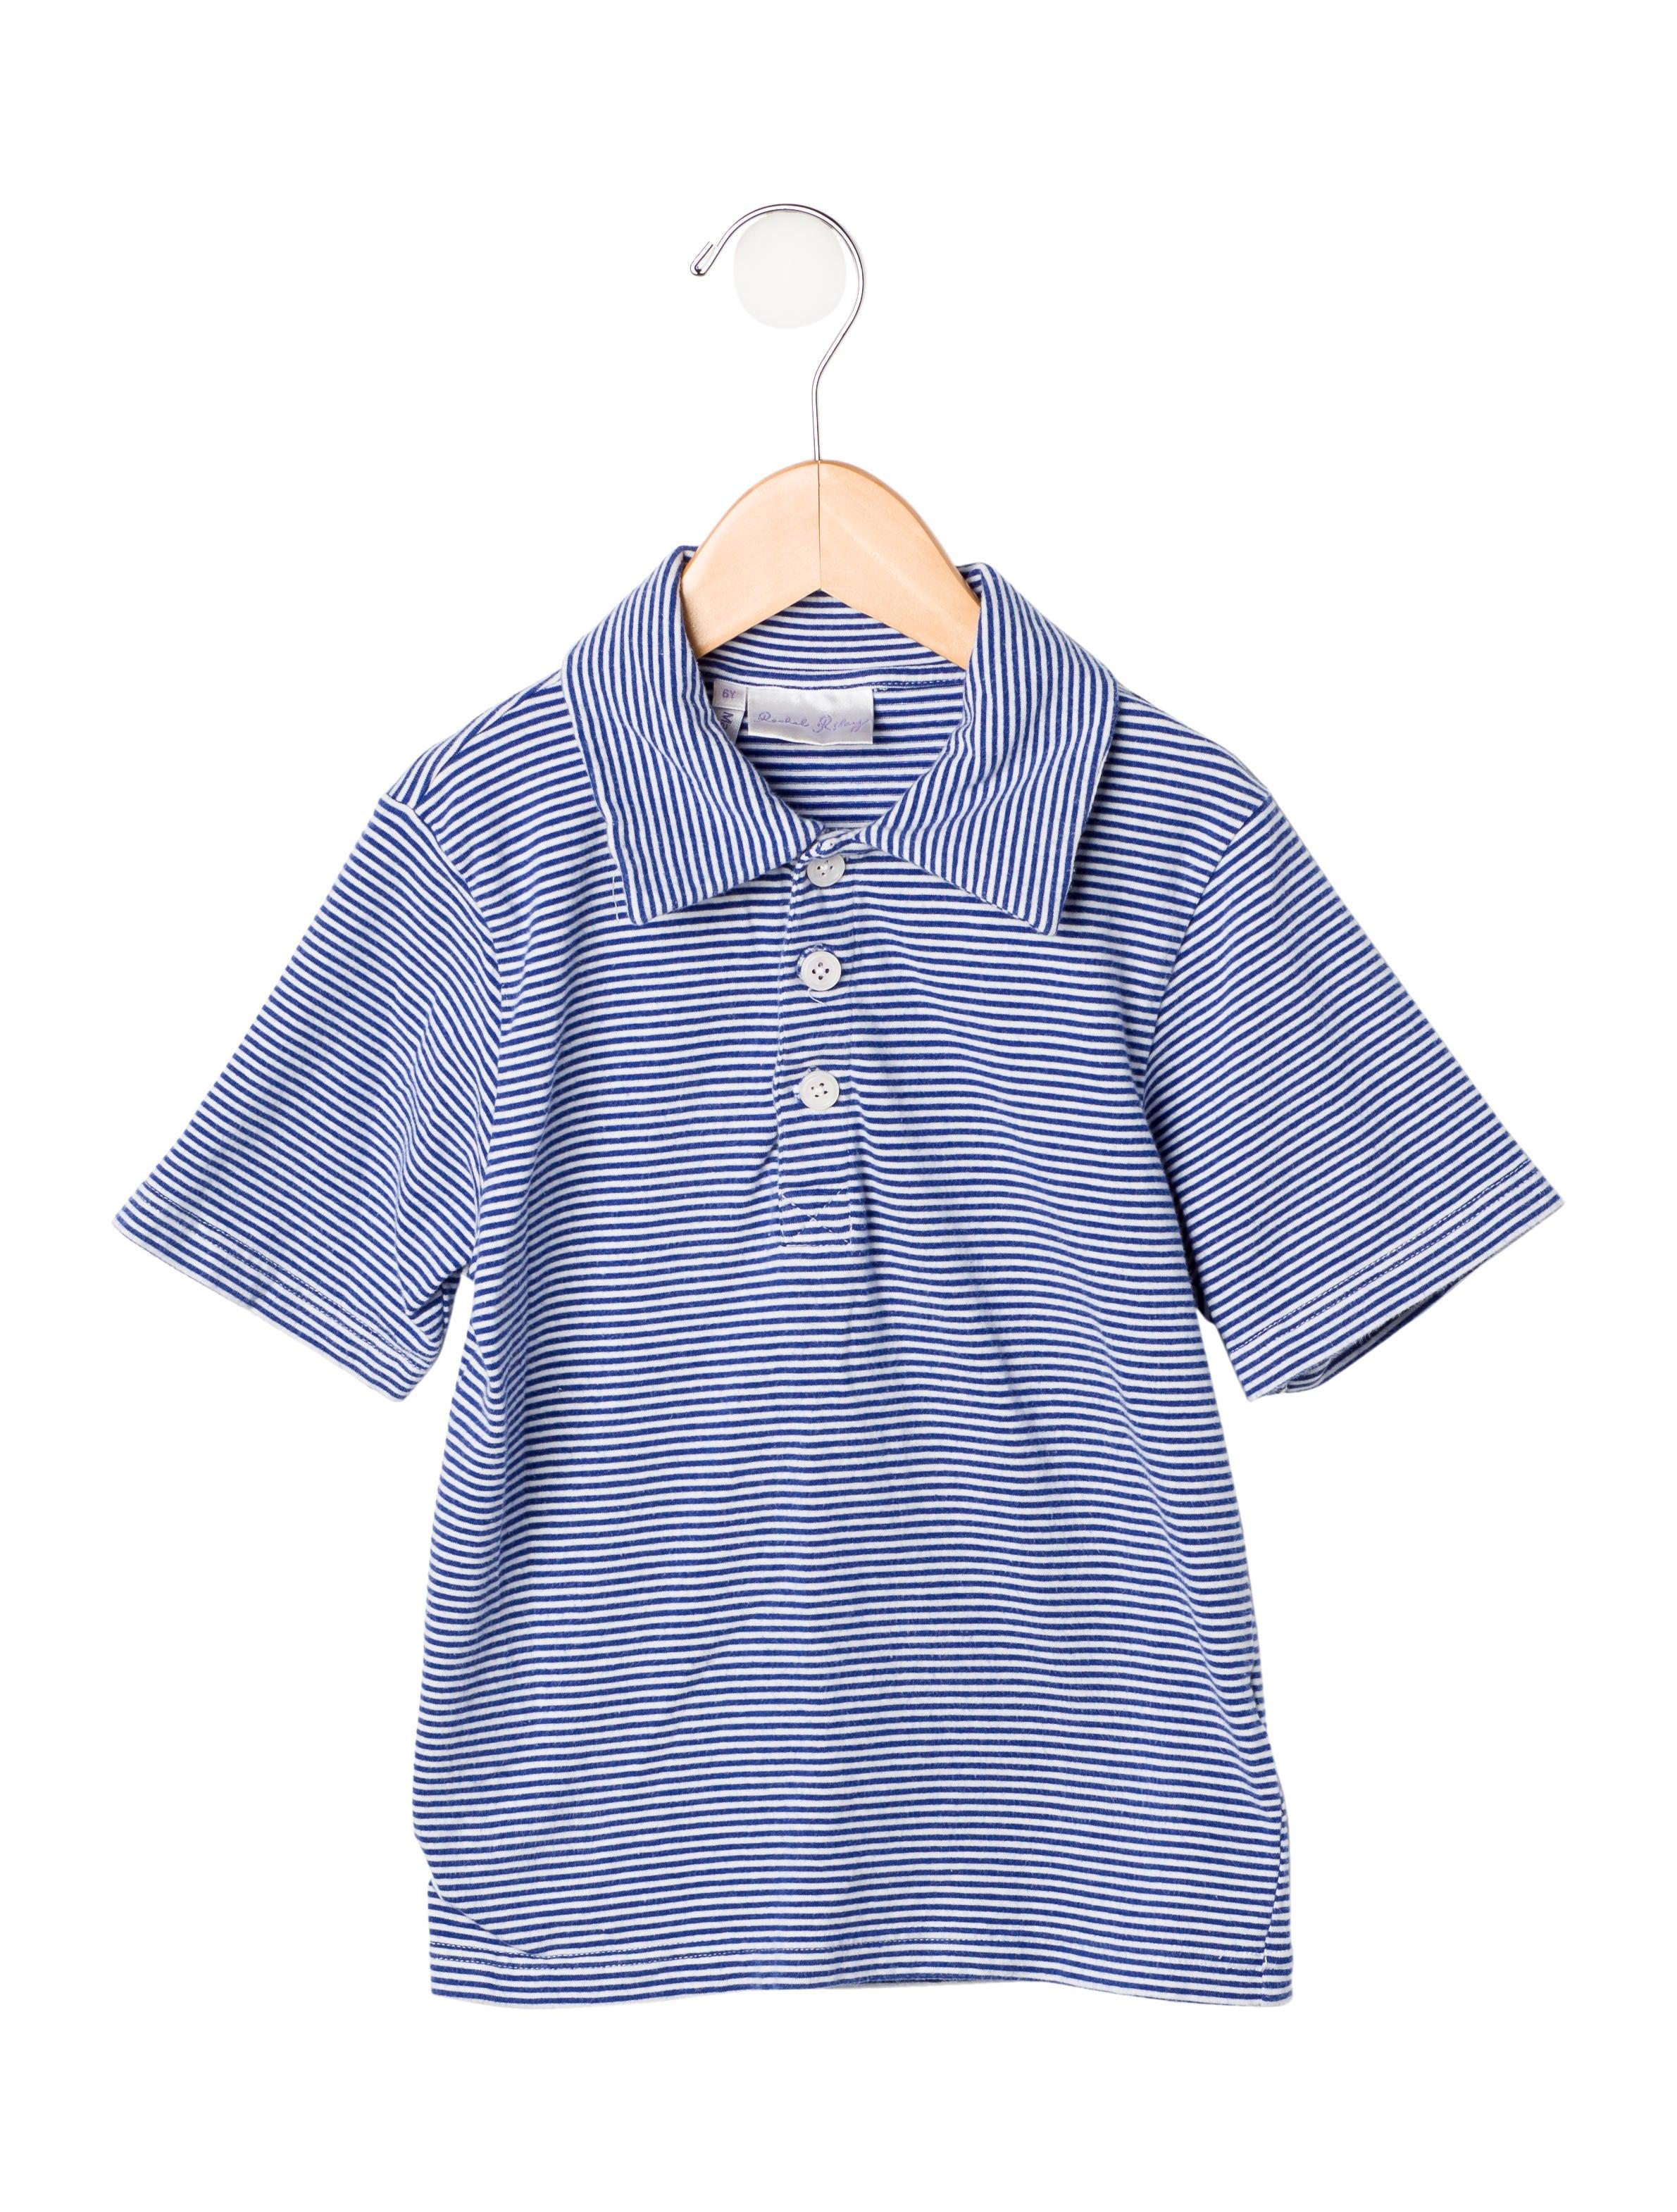 Rachel riley boys 39 striped polo shirt wrach20109 the for Boys striped polo shirts